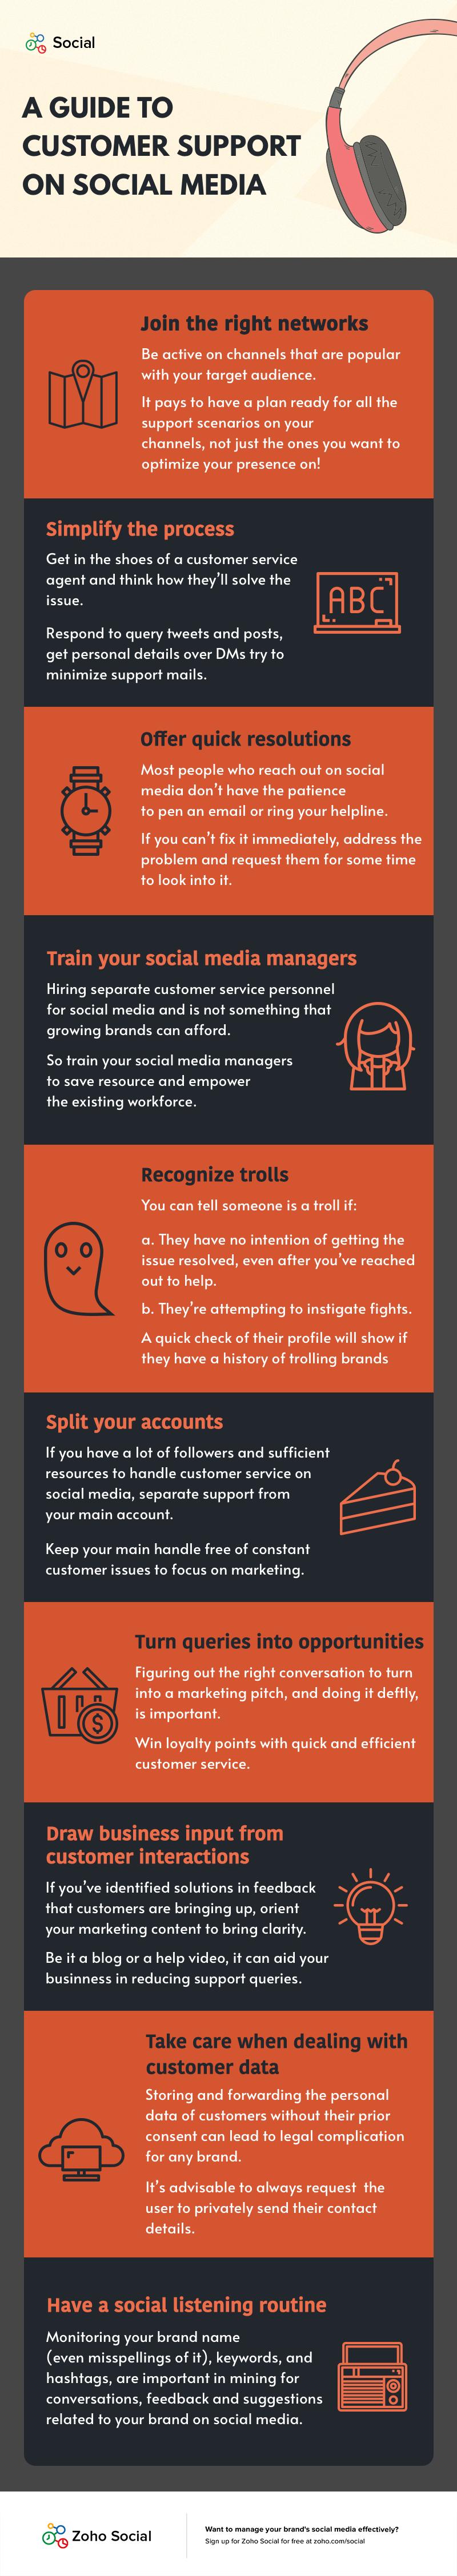 Customer support for social media